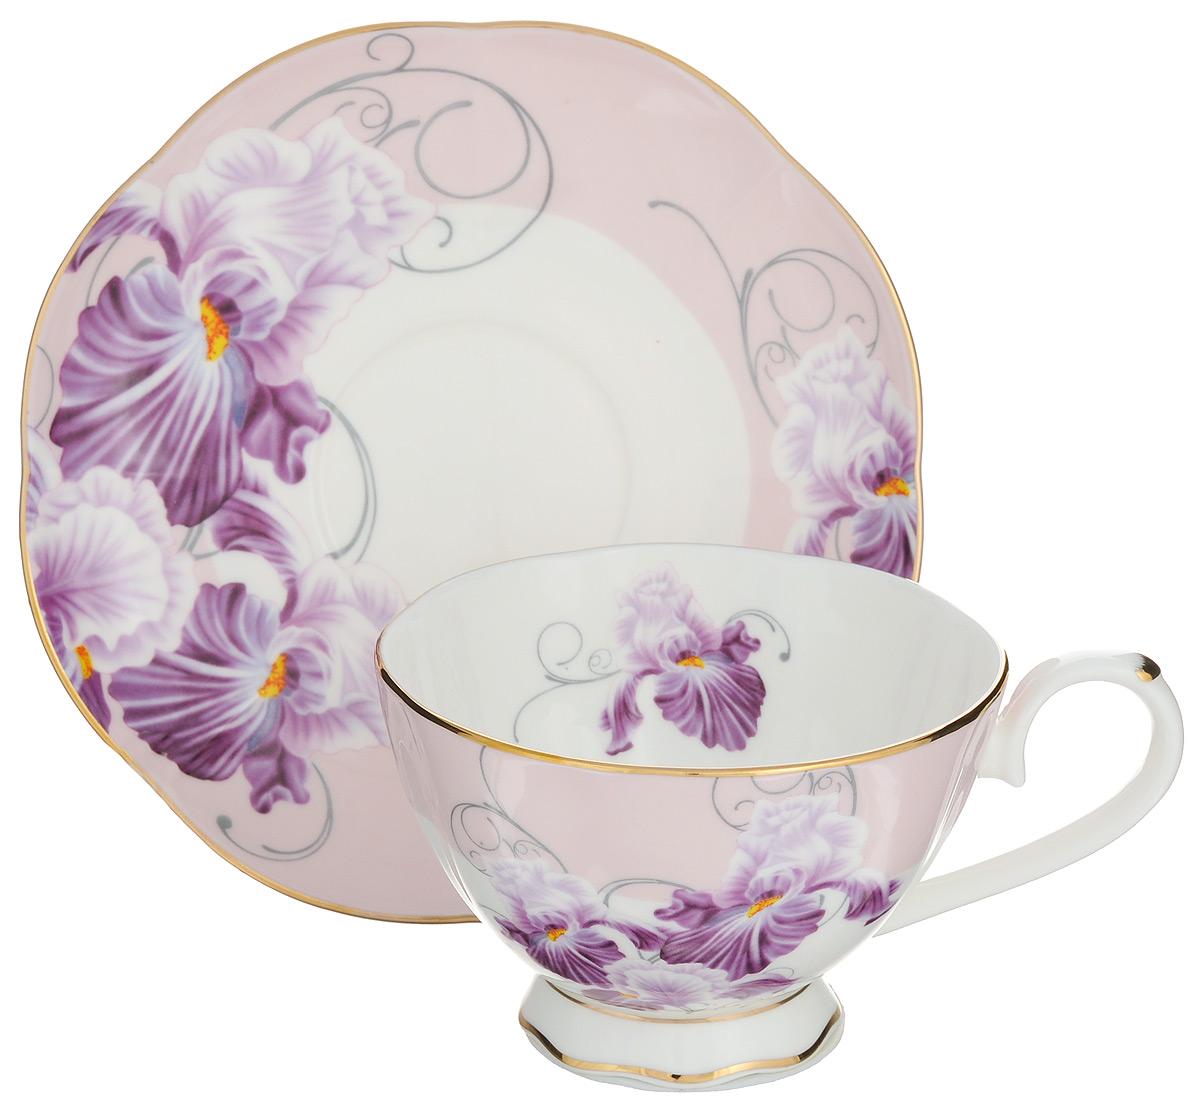 Чайная пара Elan Gallery Ирисы, 2 предмета530033Чайная пара Elan Gallery Ирисы состоит из чашки и блюдца, изготовленных из керамики высшего качества, отличающегося необыкновенной прочностью и небольшим весом. Яркий дизайн, несомненно, придется вам по вкусу.Чайная пара Elan Gallery Ирисы украсит ваш кухонный стол, а также станет замечательным подарком к любому празднику.Не рекомендуется применять абразивные моющие средства. Не использовать в микроволновой печи.Объем чашки: 230 мл.Диаметр чашки (по верхнему краю): 10 см.Высота чашки: 7 см.Диаметр блюдца (по верхнему краю): 16 см.Высота блюдца: 2 см.